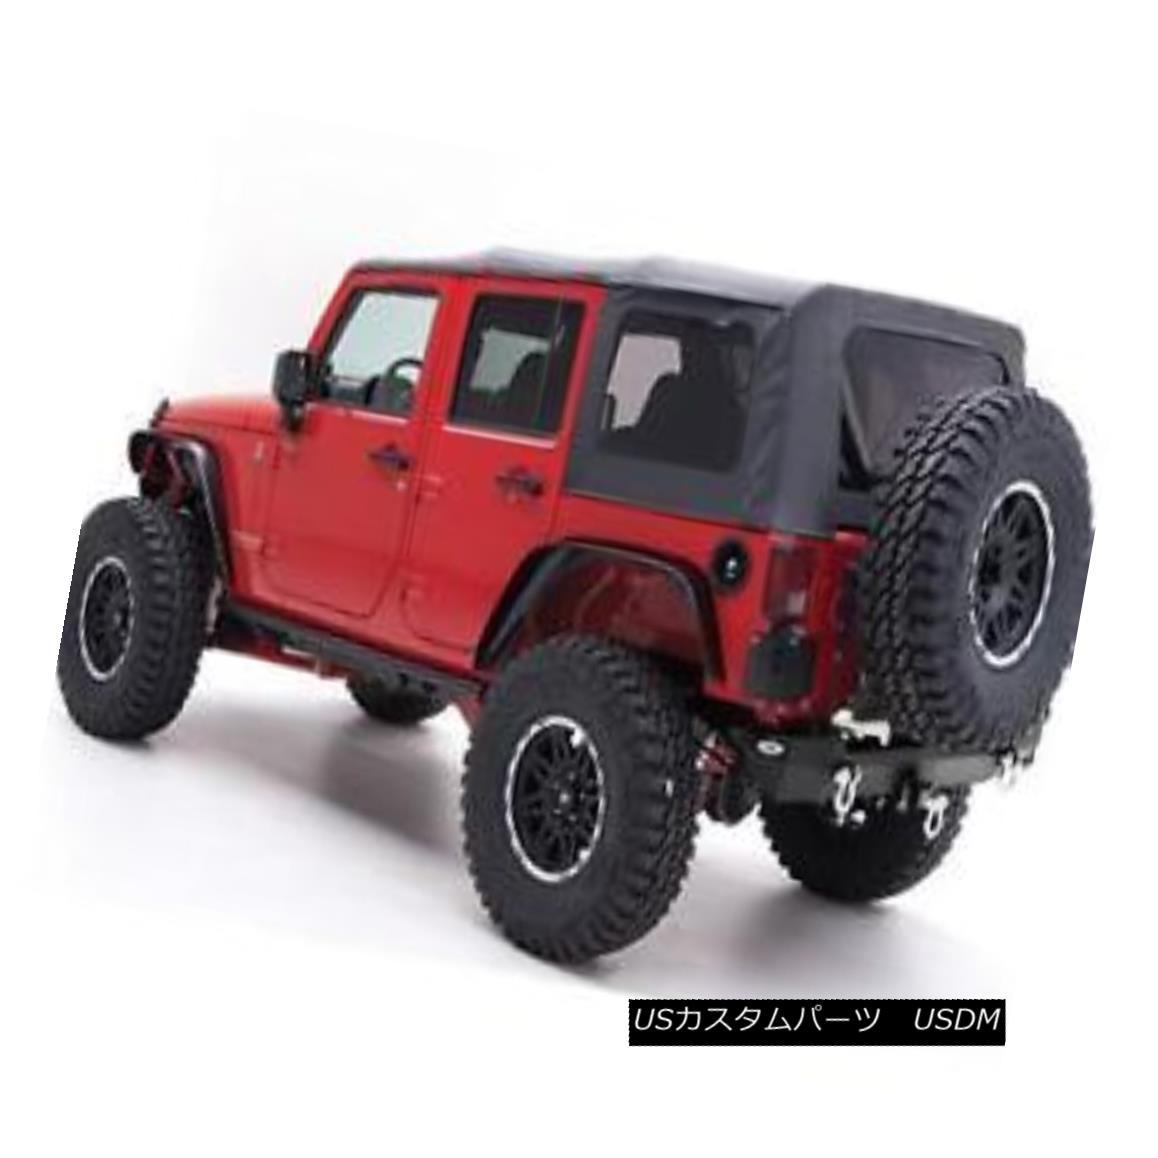 幌・ソフトトップ 2007-2009 Jeep Wrangler Unlimited Replacement Soft Top with Tinted Rear Windows 2007年 - 2009年ジープラングラー無制限交換ソフトトップティント付き後部窓付き